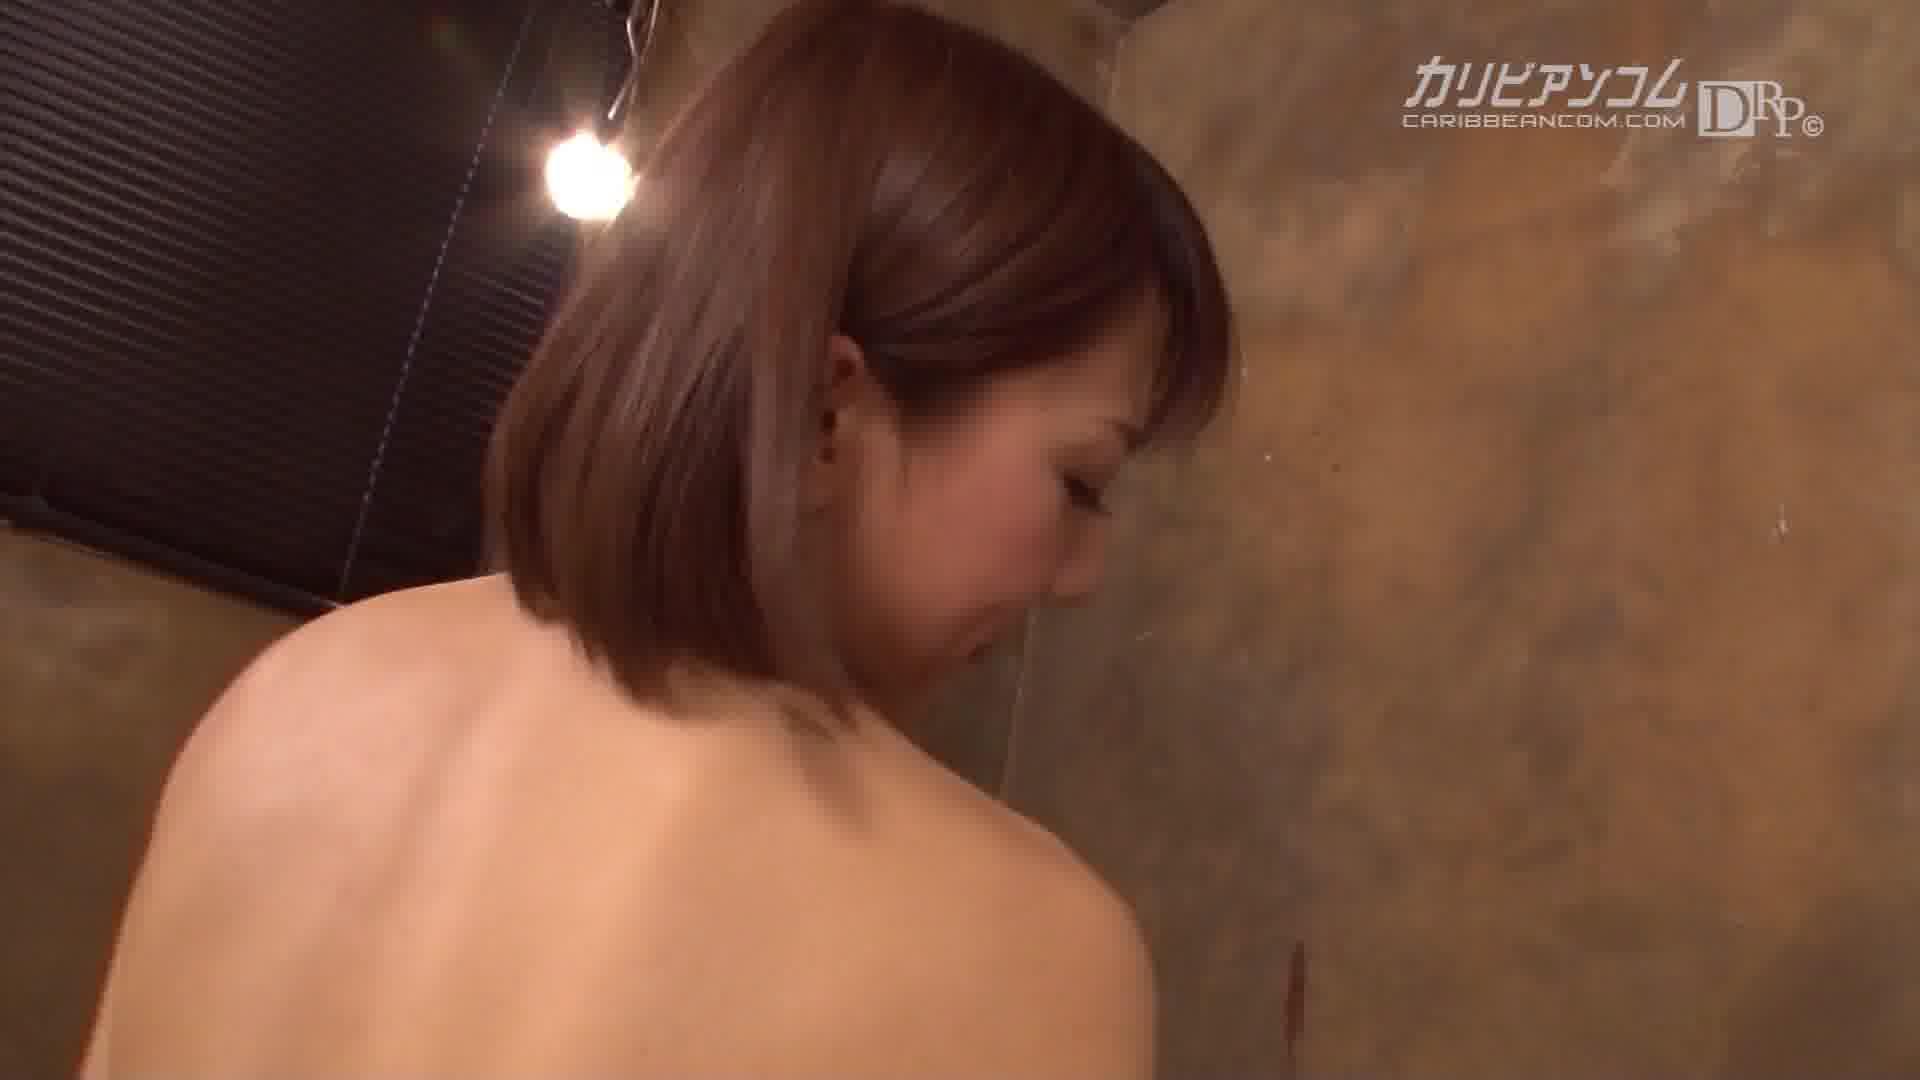 鬼イキトランス15 - 滝川エリナ【潮吹き・スレンダー・バイブ】